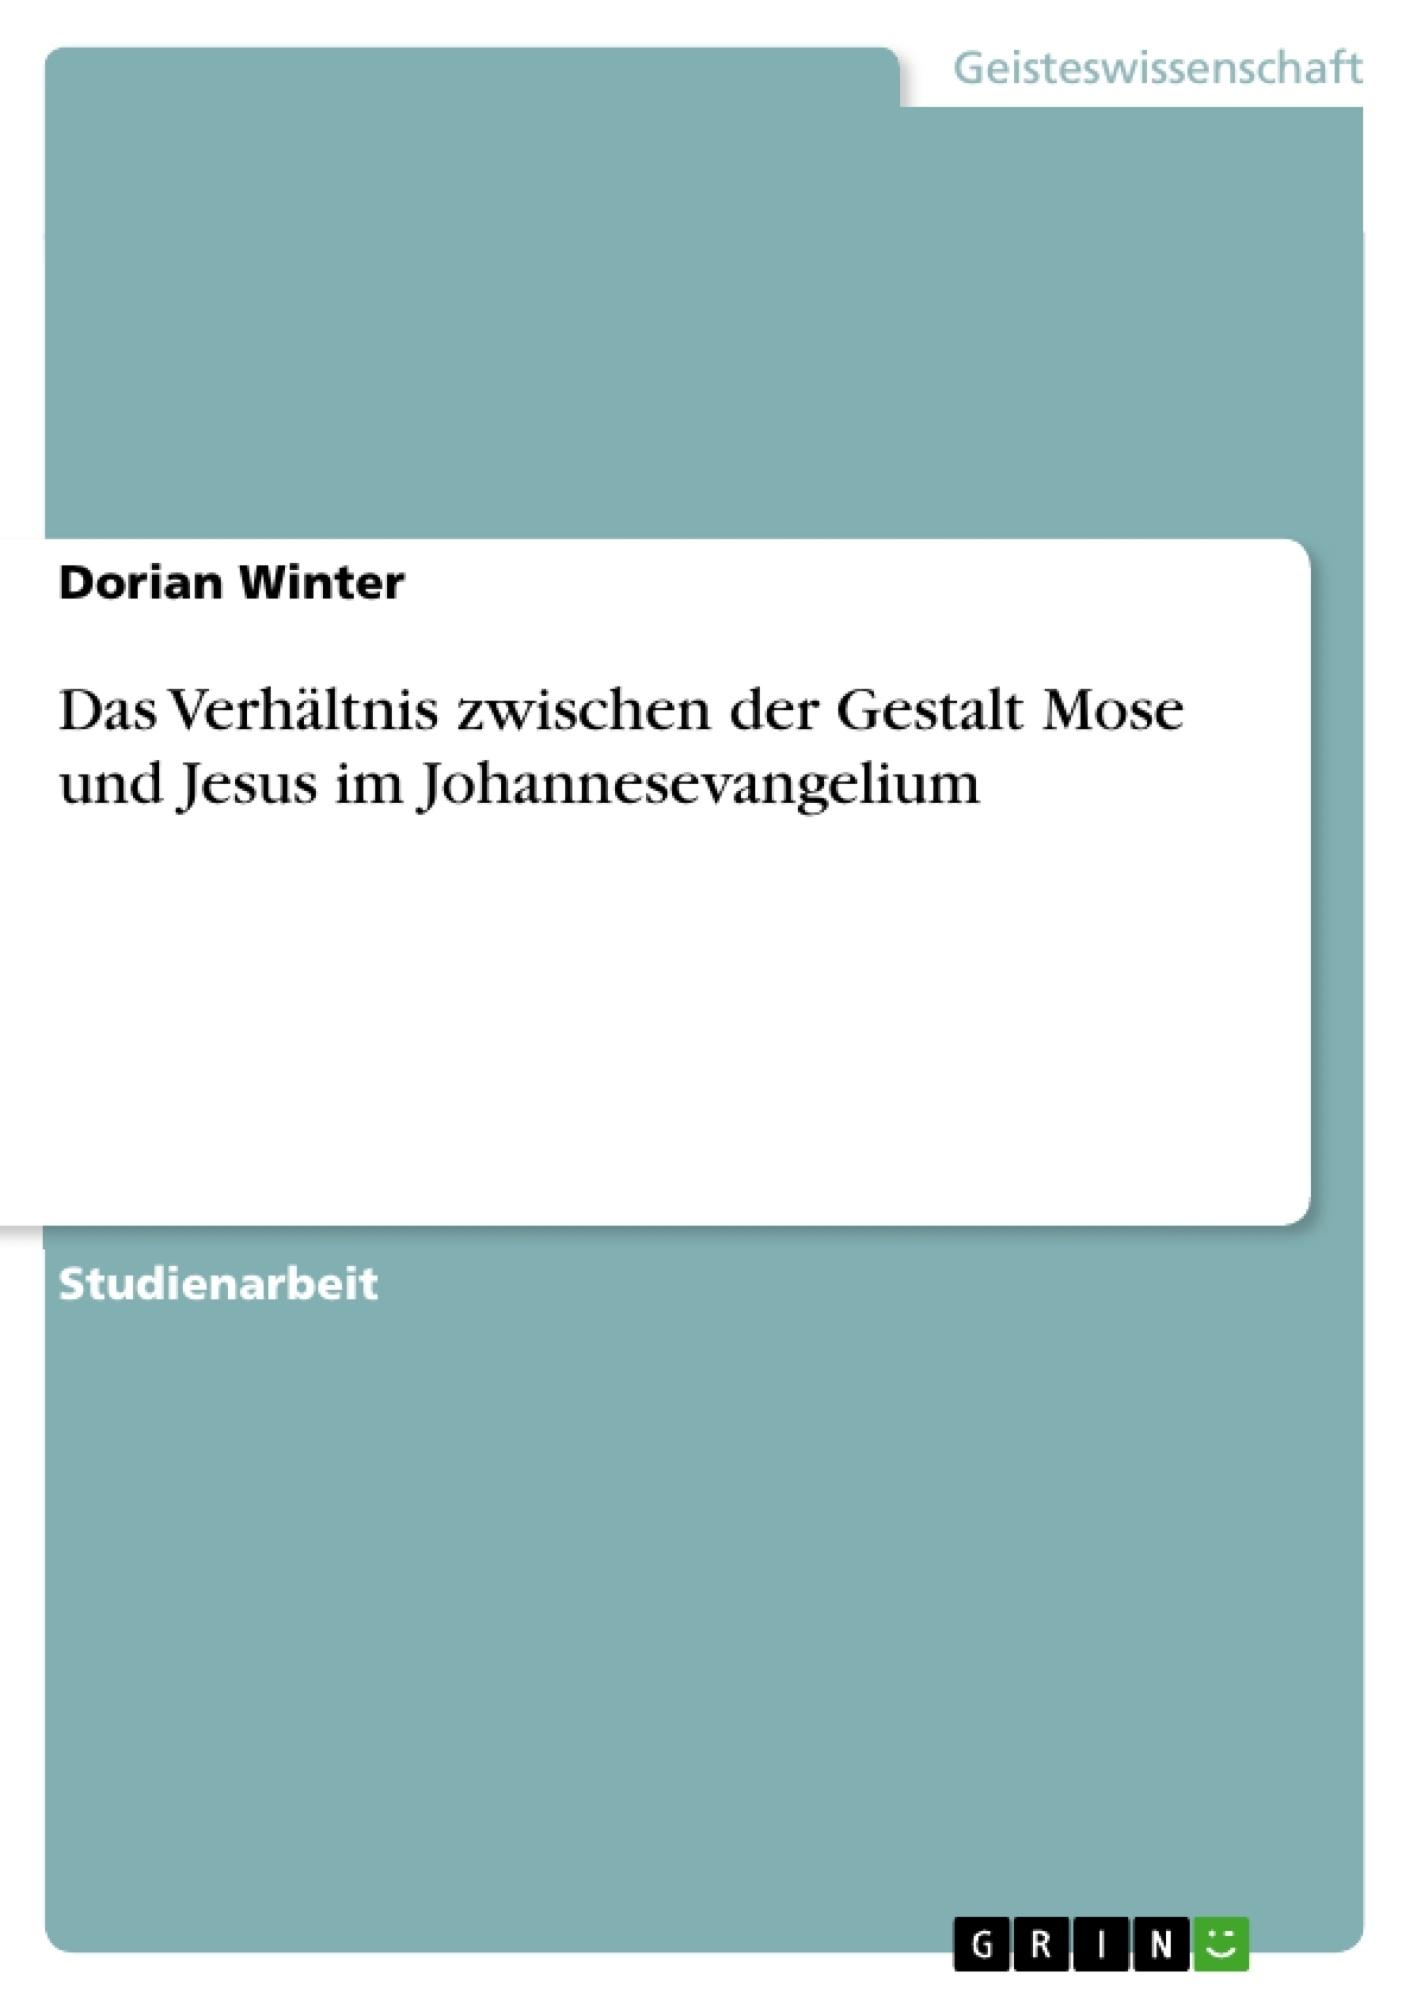 Titel: Das Verhältnis zwischen der Gestalt Mose und Jesus im Johannesevangelium